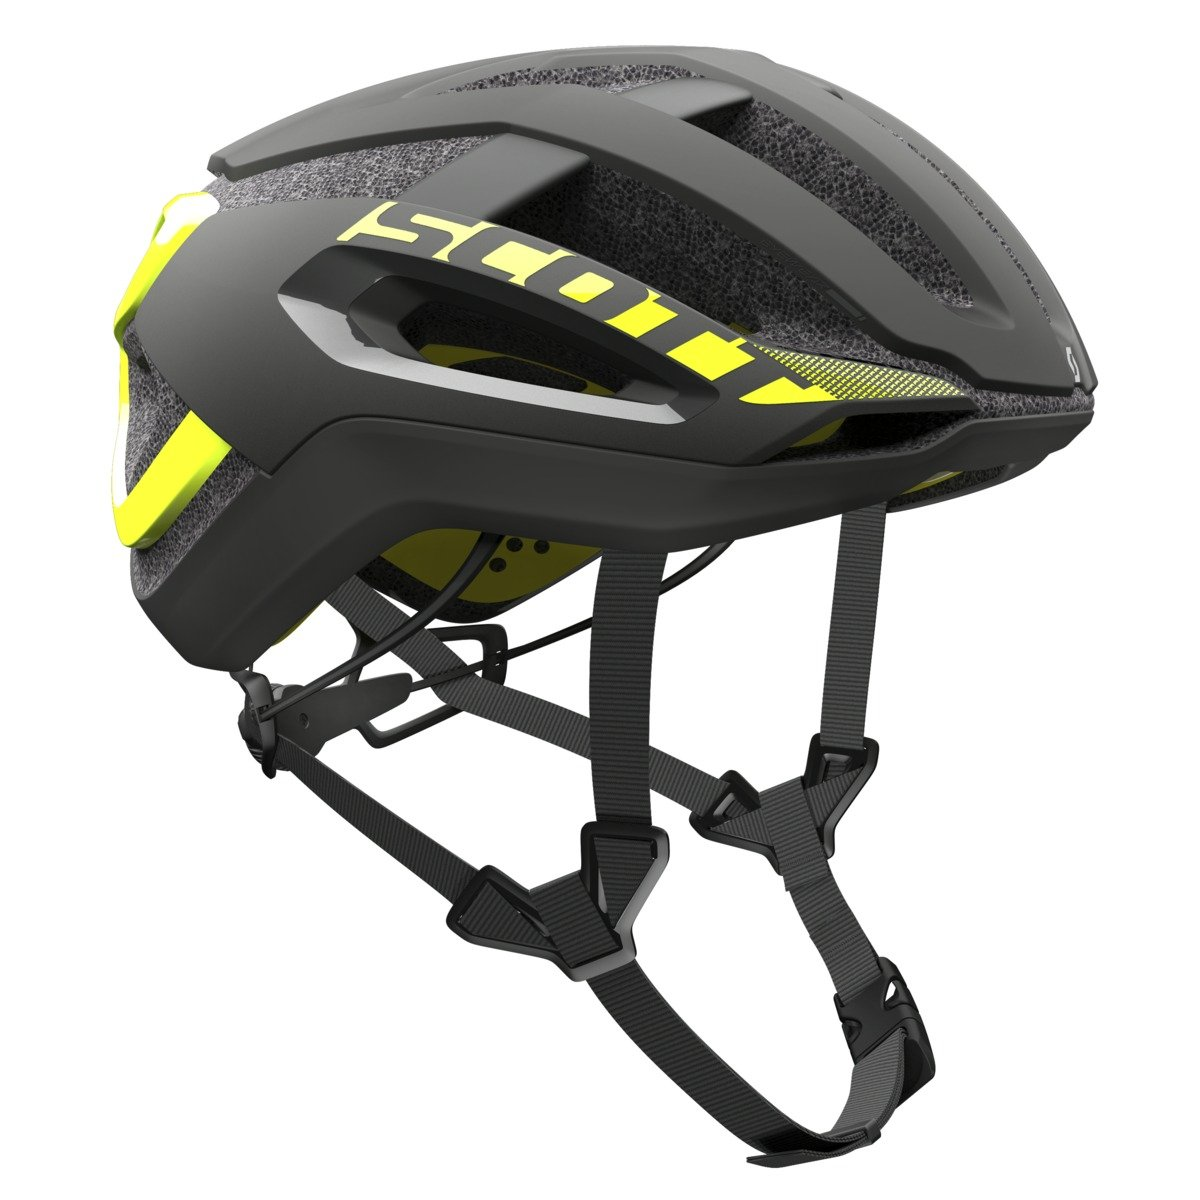 SCOTT(スコット) ヘルメット 自転車用ヘルメット Centric PLUS ブラック、イエローRC M/55-59cm  B01LJVTH8Y